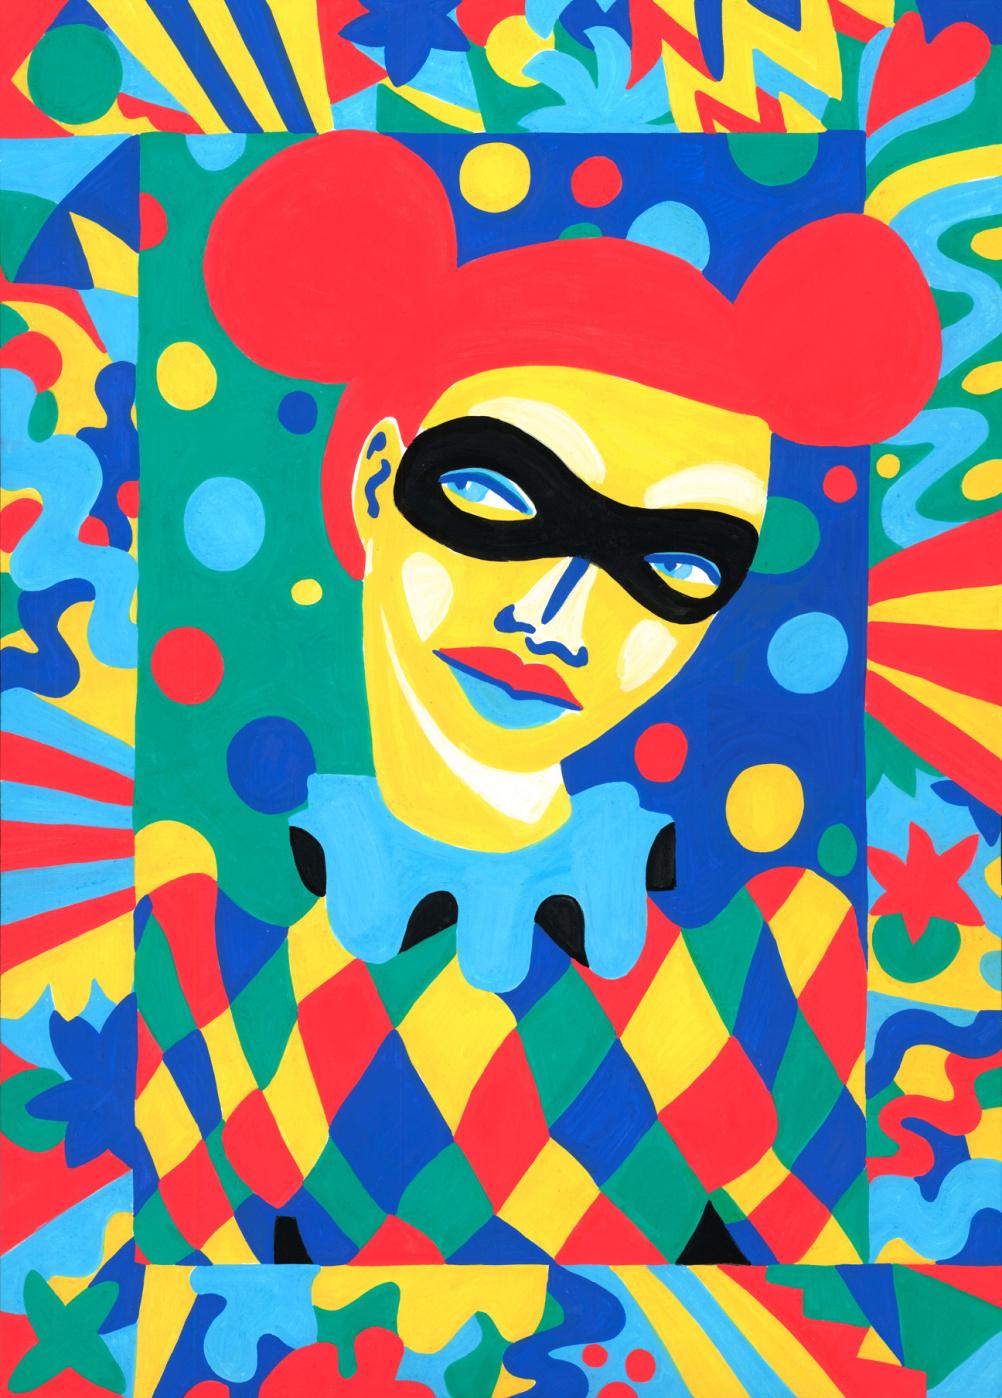 Circus Babe by Lynnie Zulu